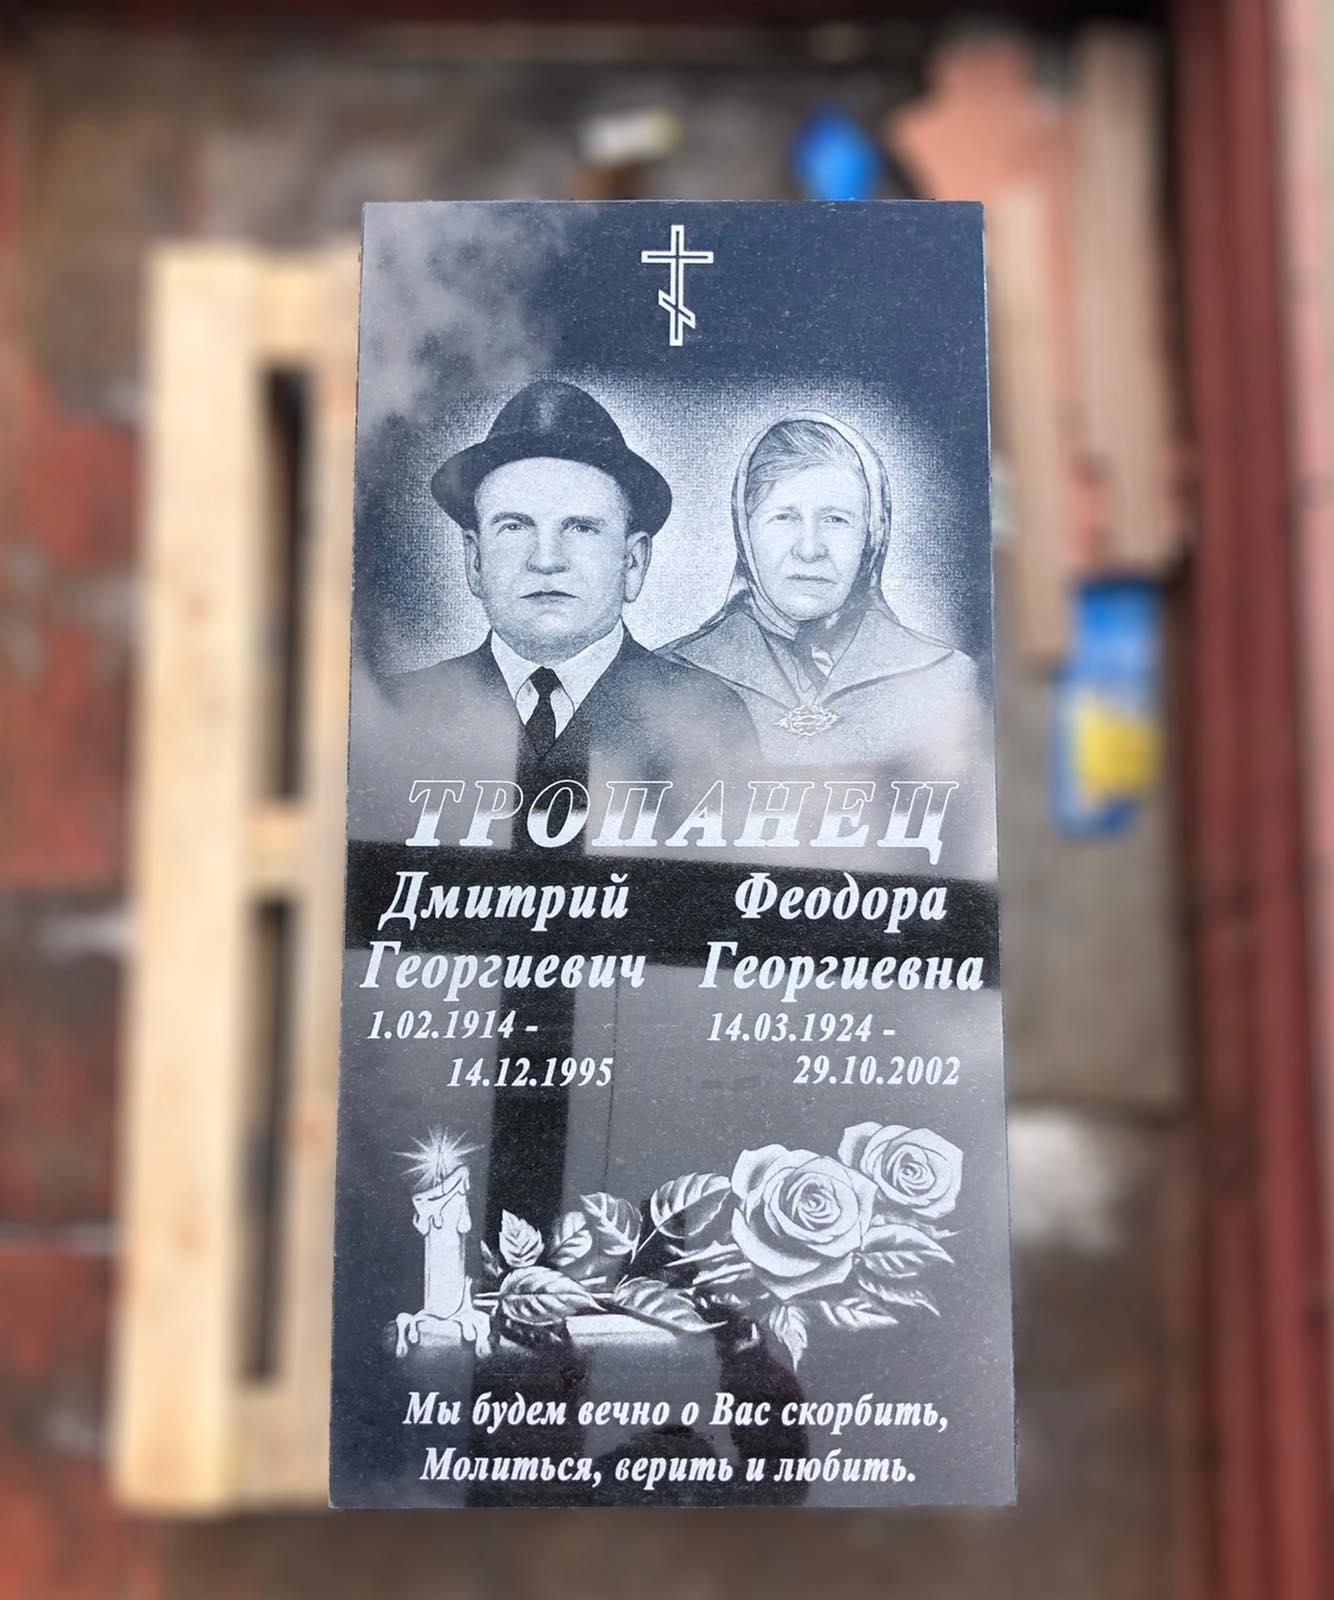 memorialnye_kompleksy